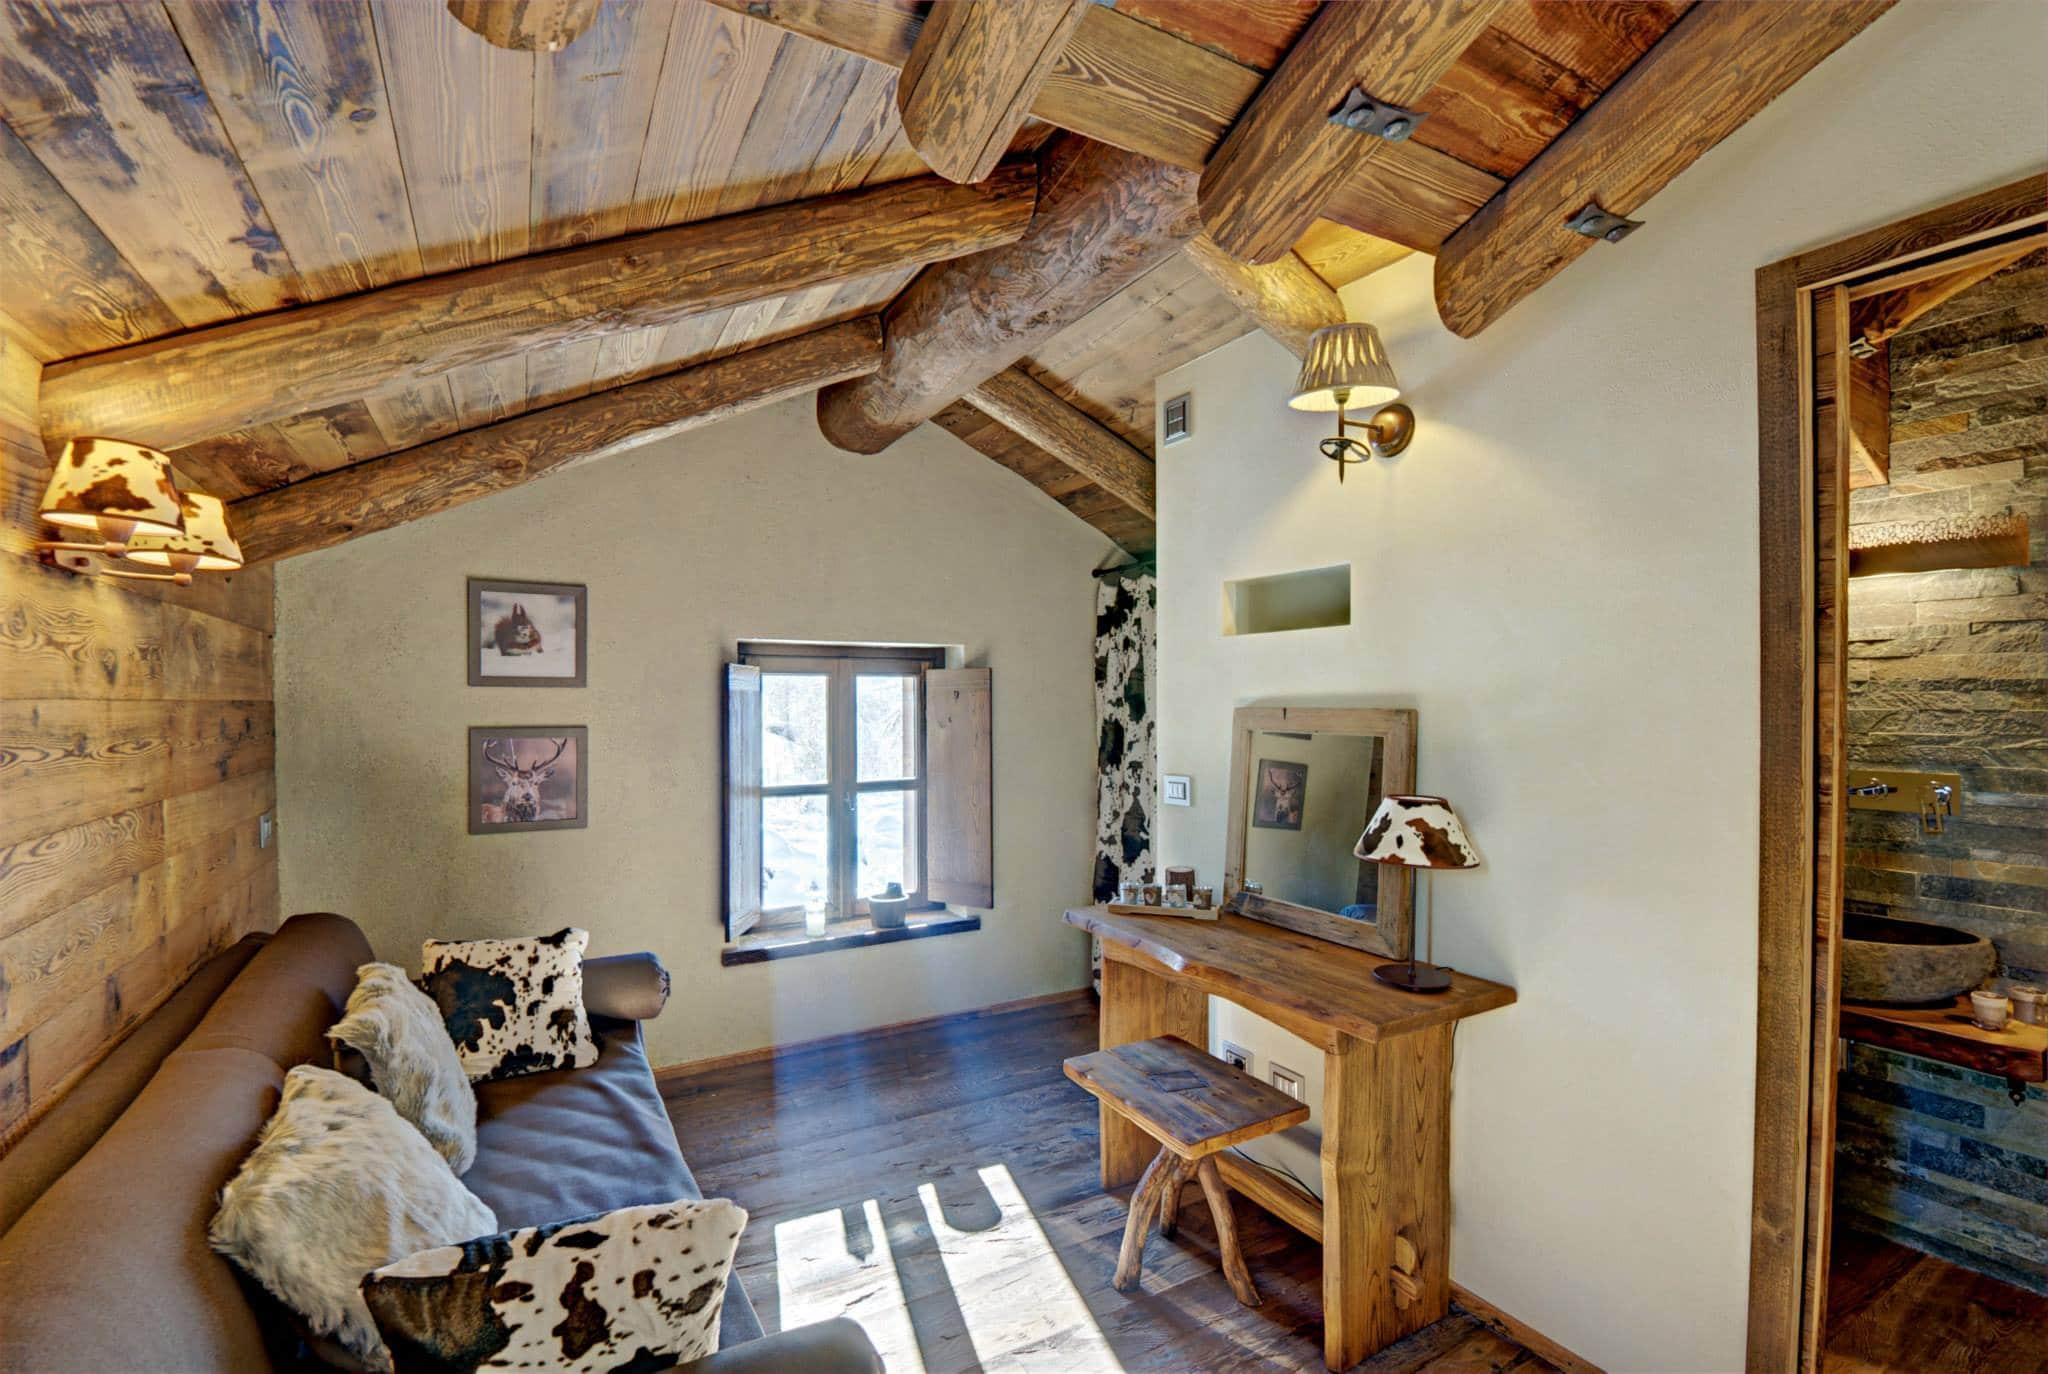 decoracion de interiores salones rusticos:La chimenea de piedra es un elemento fuerte en el diseño de la sala